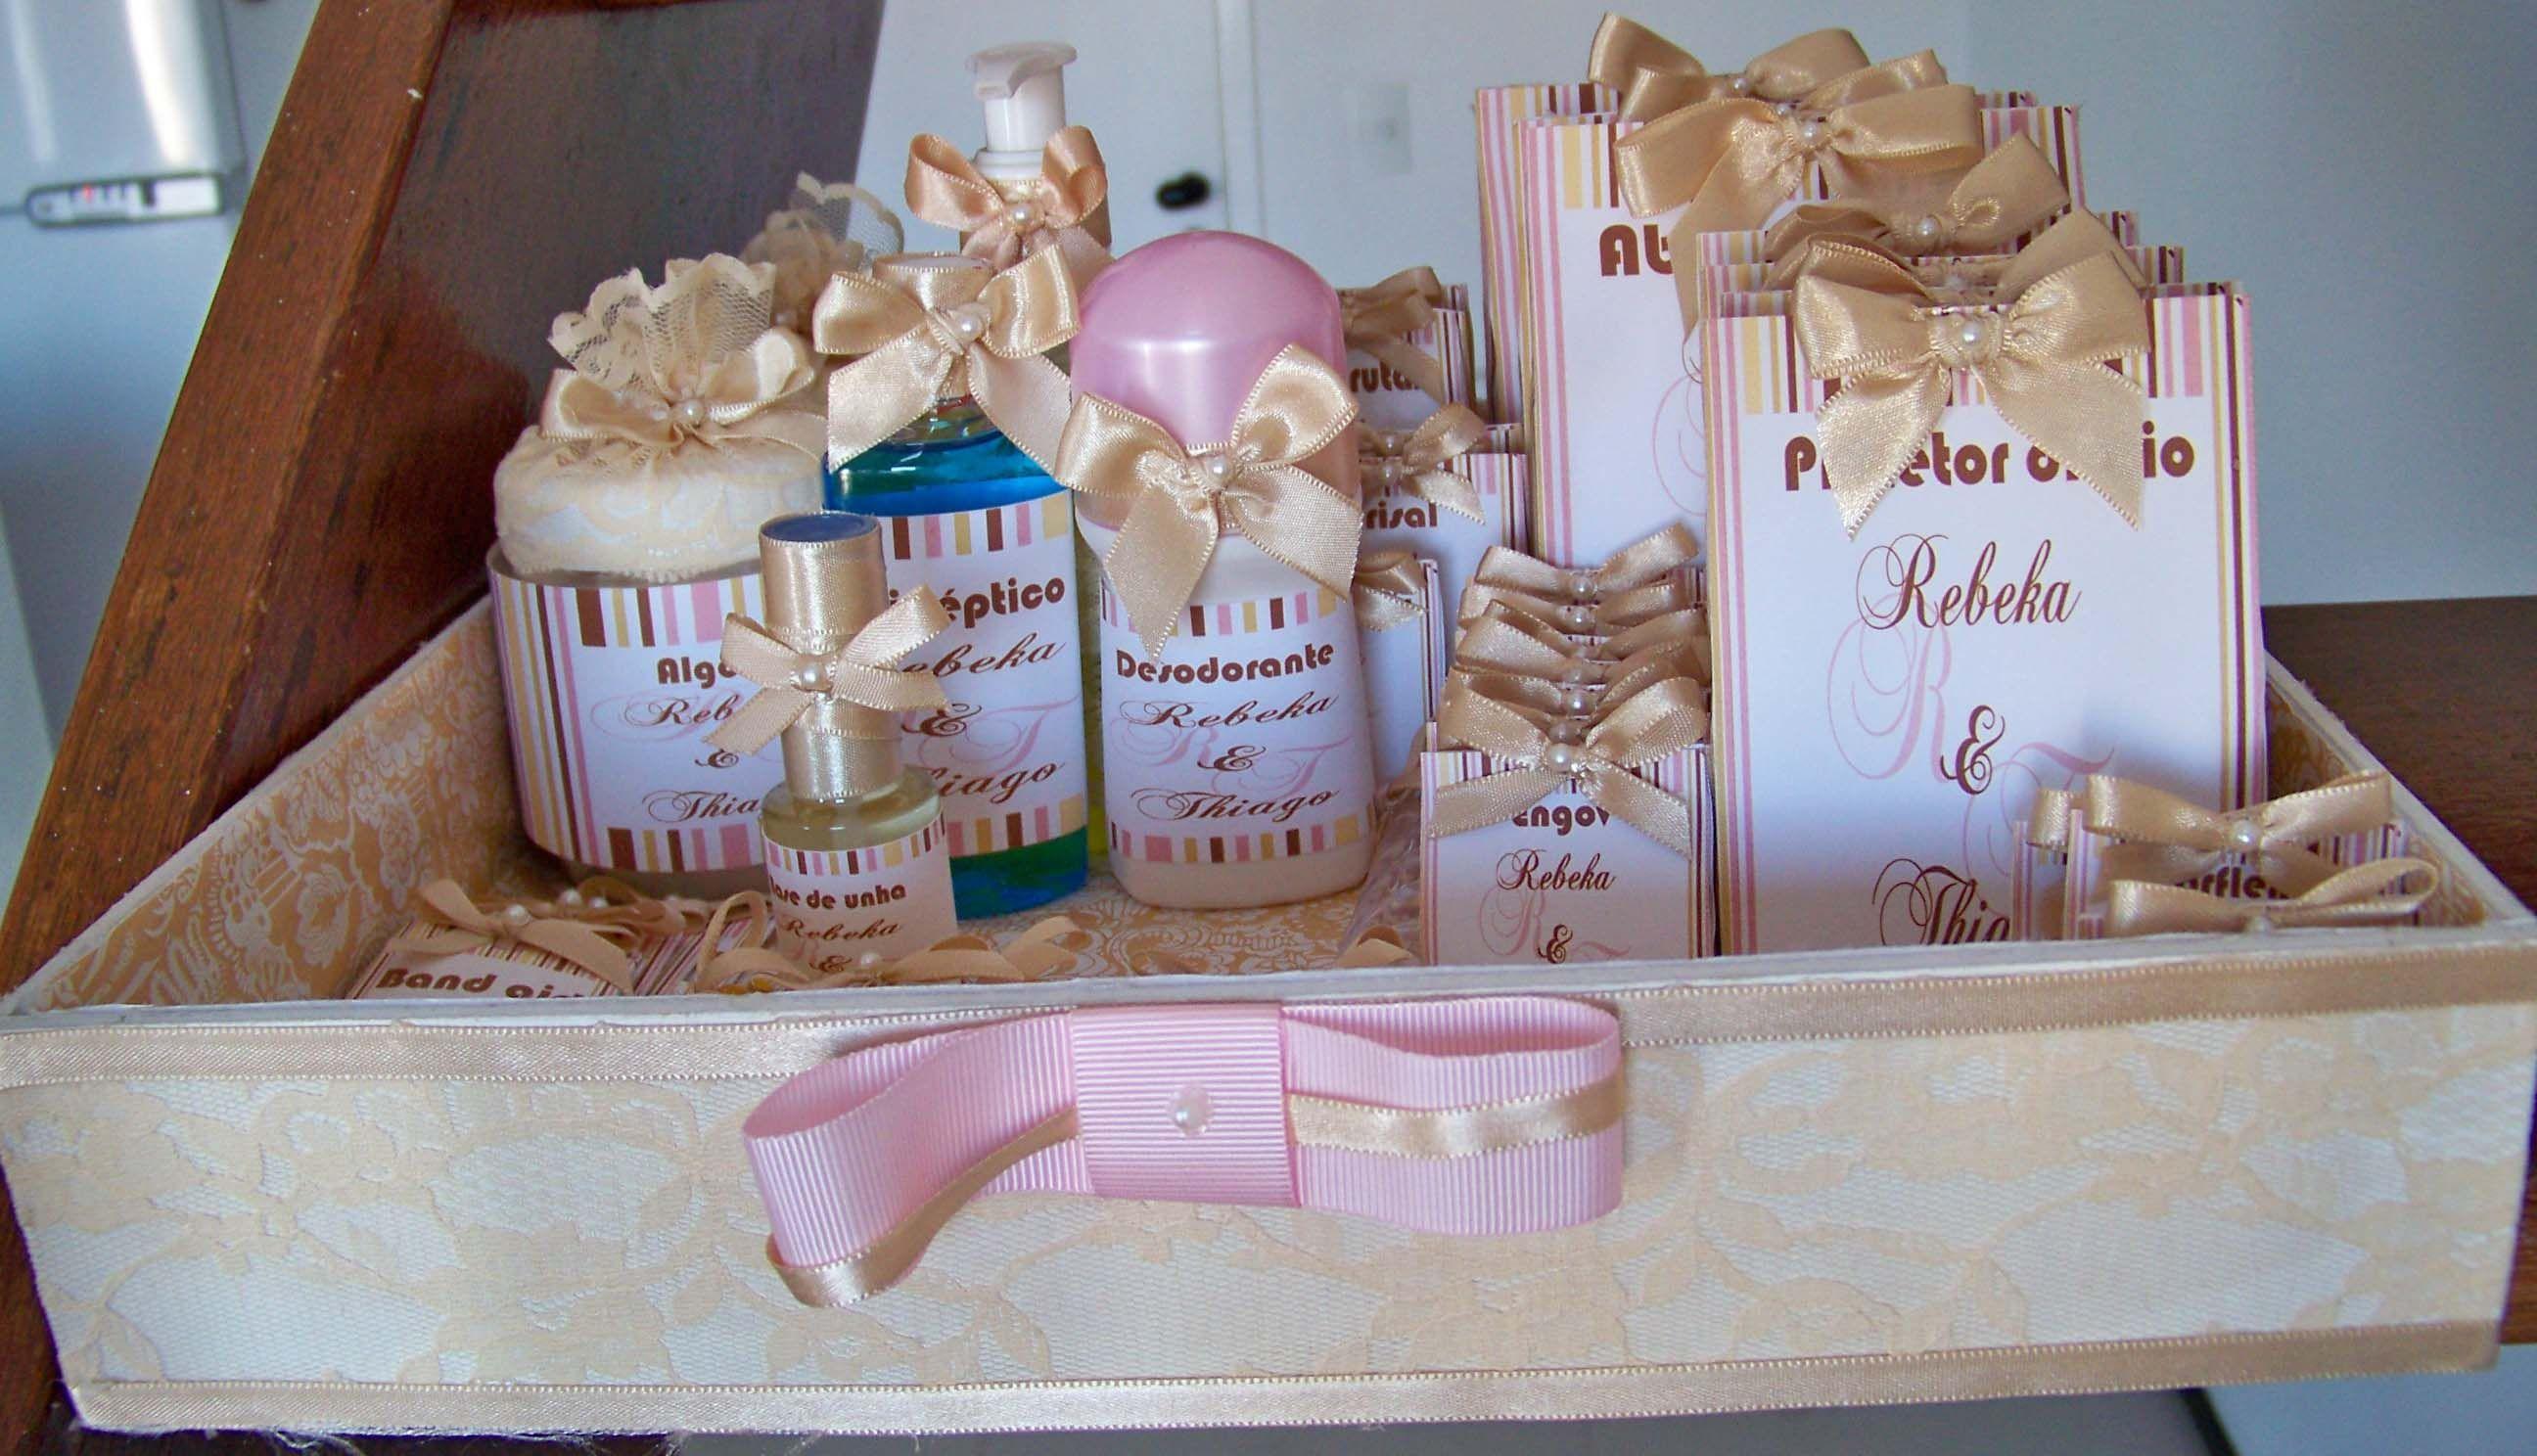 Kit Banheiro Para Casamento Goiania : Kit para banheiro caixas personalizadas